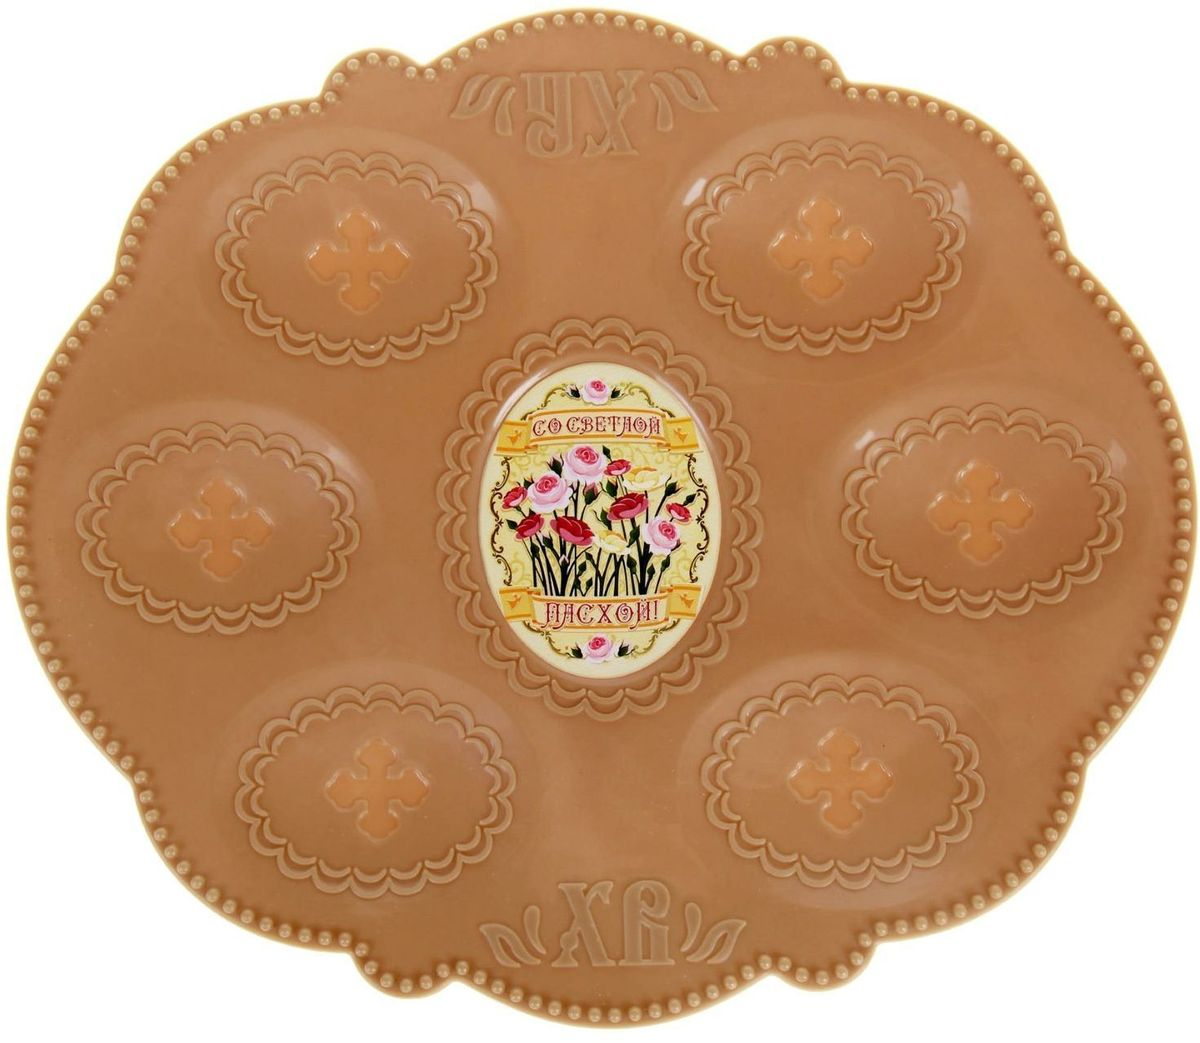 Подставка пасхальная Розы, для 6 яиц, 21 х 18 см. 1002597115510Пасхальная подставка для 6 яиц изготовлена из качественного пластика, в центре имеется яркая вставка. Аксессуар станет достойным украшением праздничного стола, создаст радостное настроение и наполнит пространство вашего дома благостной энергией на весь год вперёд.Подставка будет ценным памятным подарком для родных, друзей и коллег.Радости, добра и света вам и вашим близким!